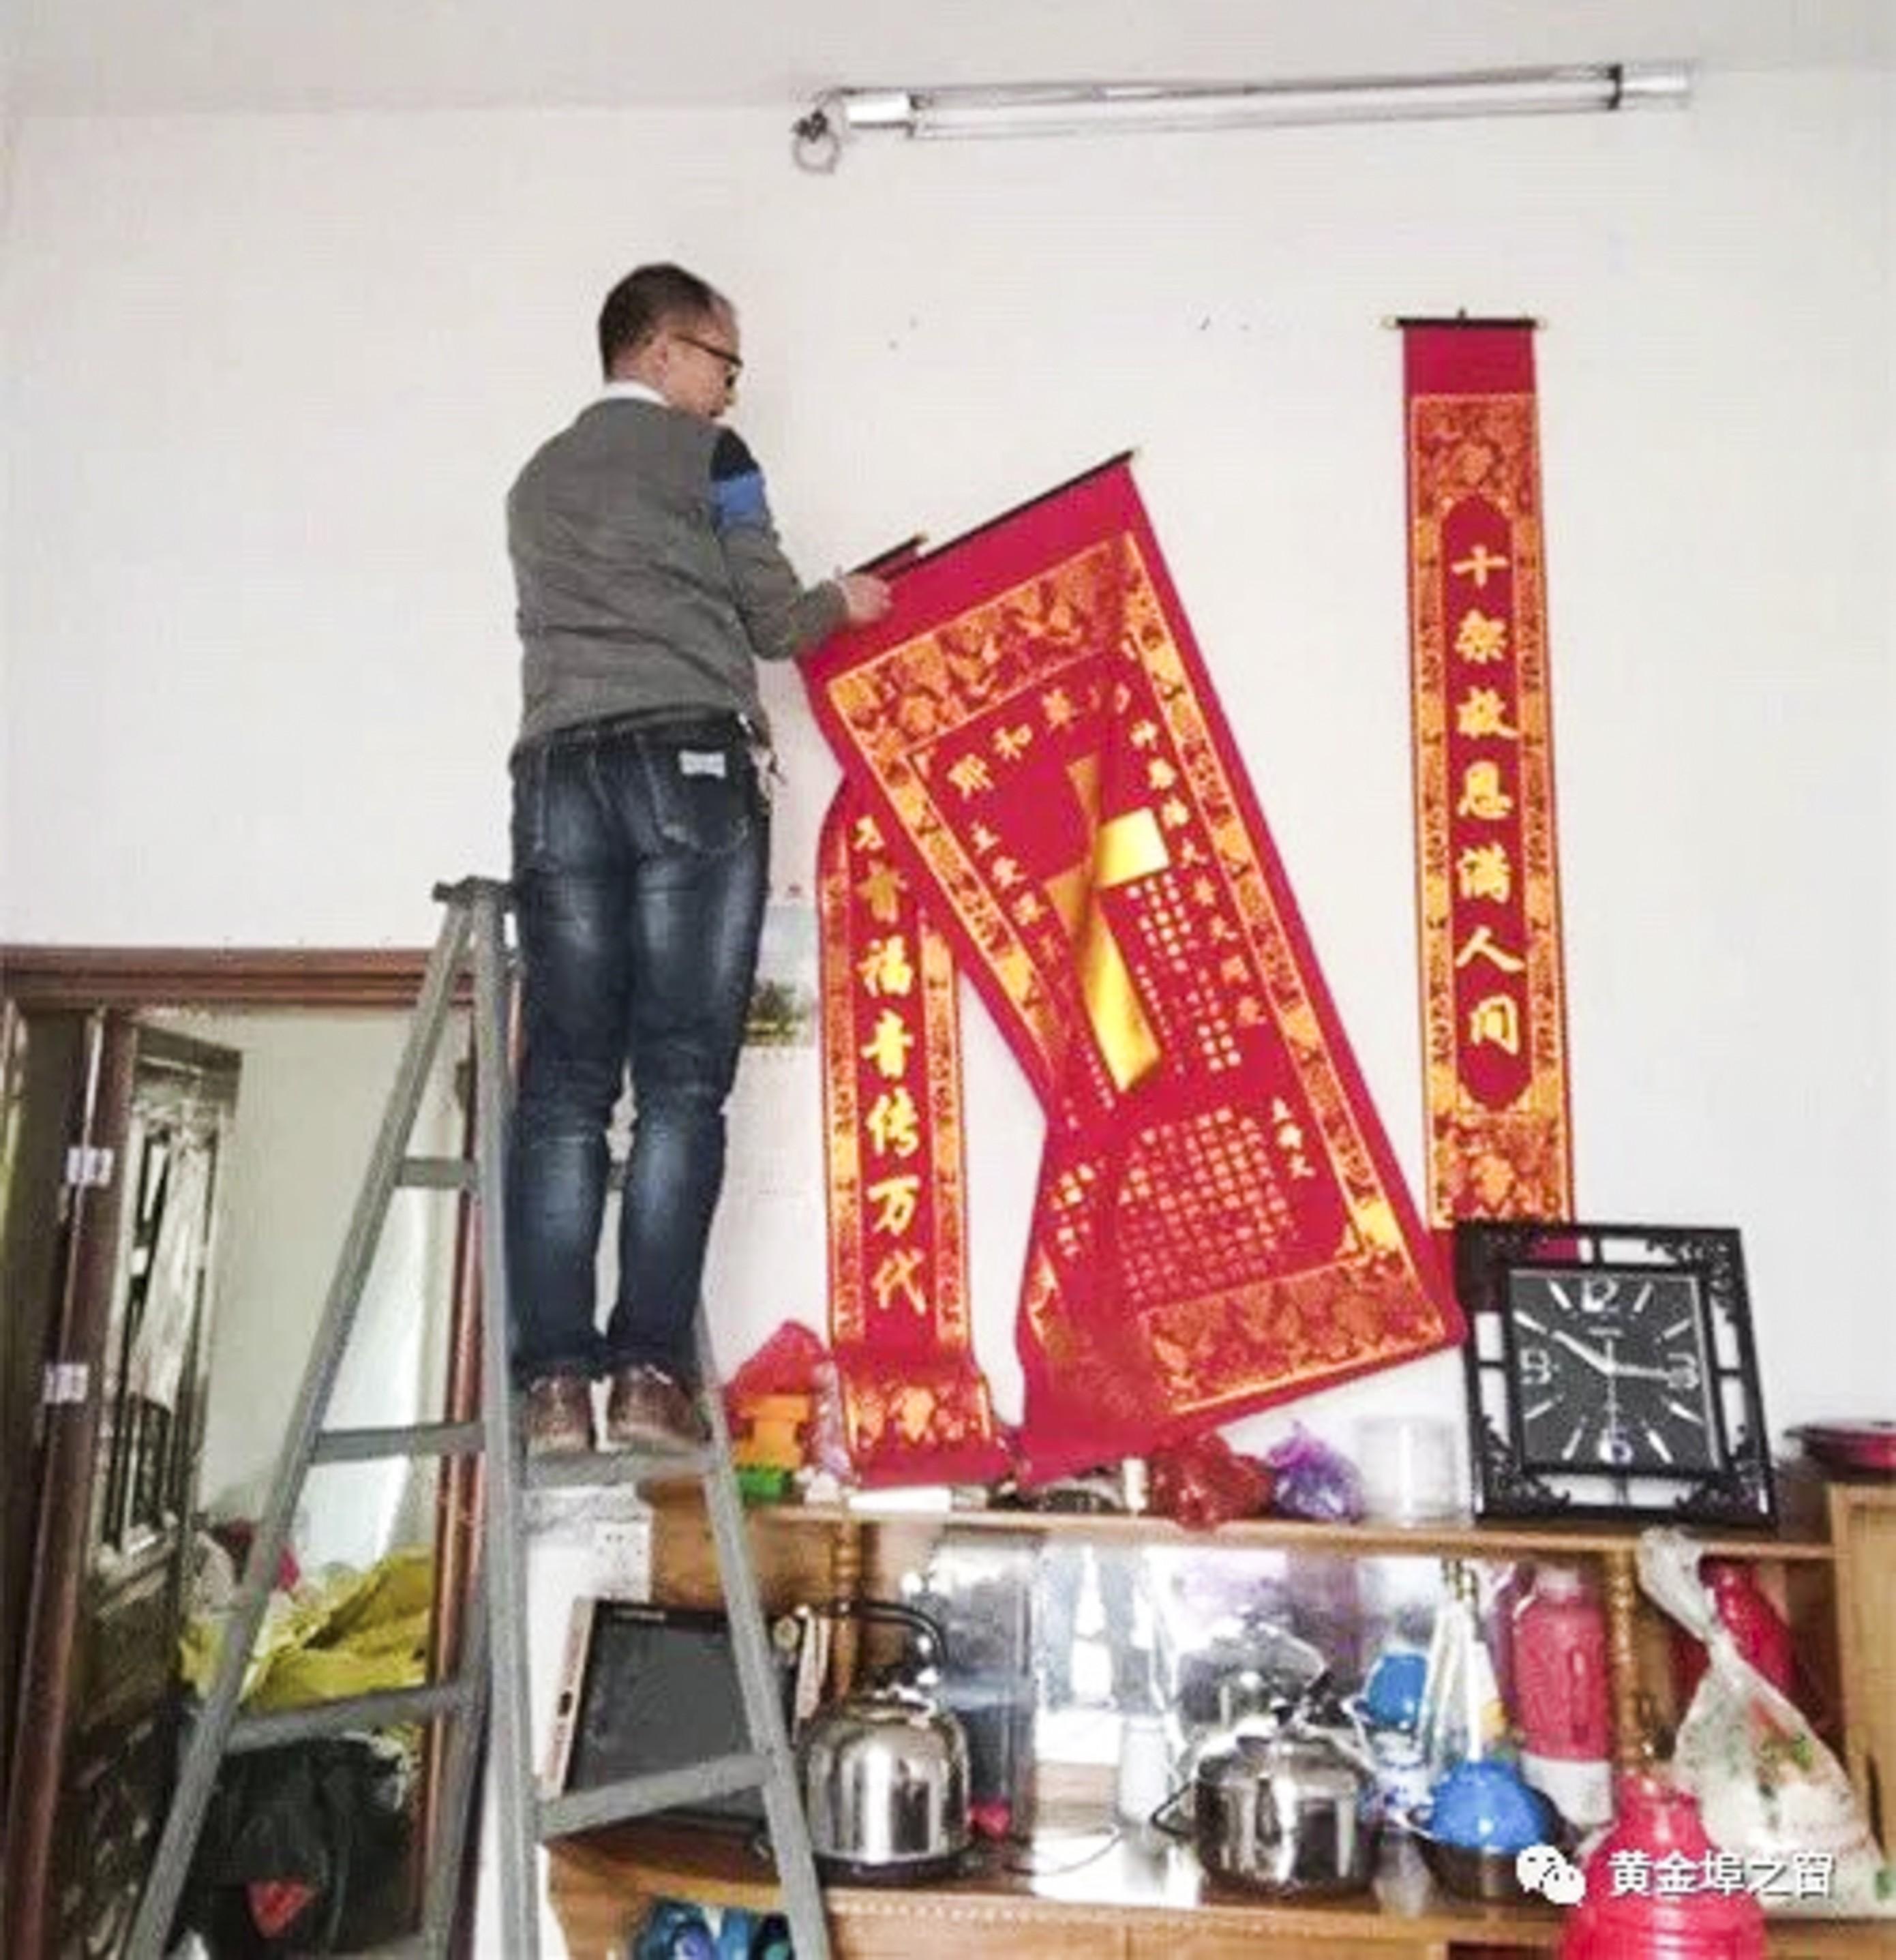 Warga Kristen Cina Diminta Ganti Foto Yesus dengan Gambar Jinping - 2